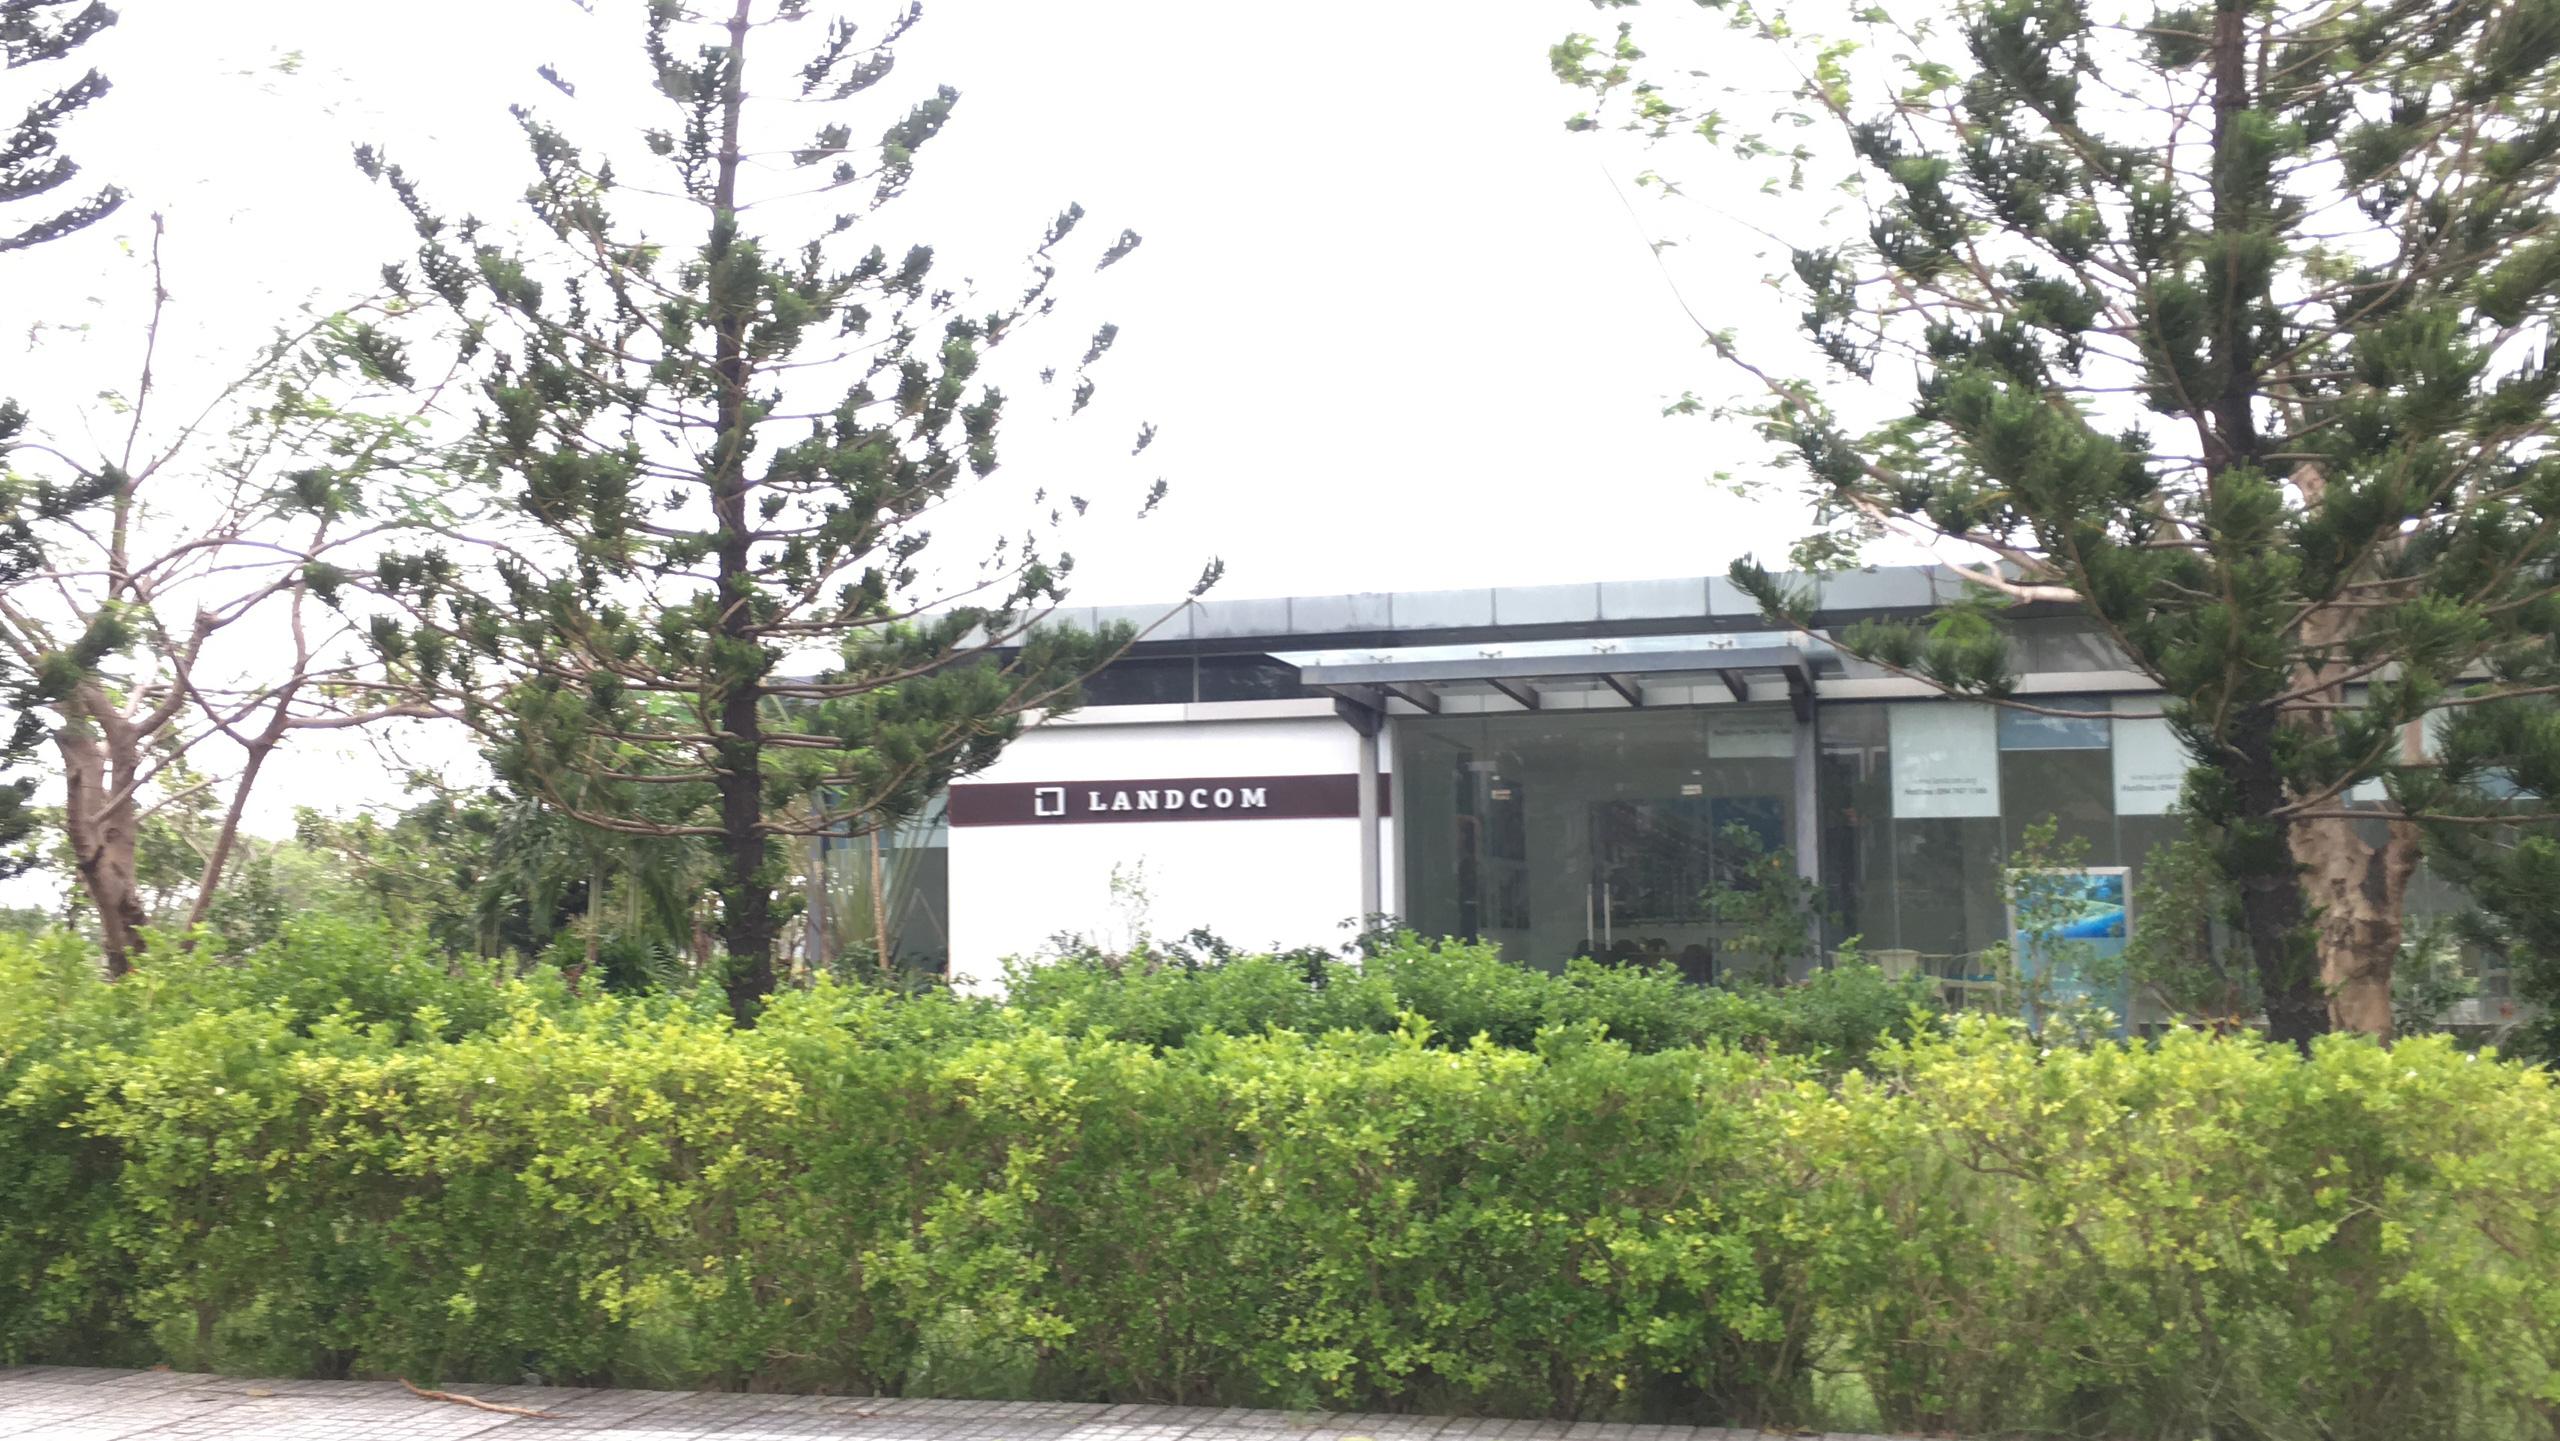 Quận Hải Châu, Đà Nẵng sắp có hơn 4.400 căn hộ condotel, chung cư - Ảnh 2.